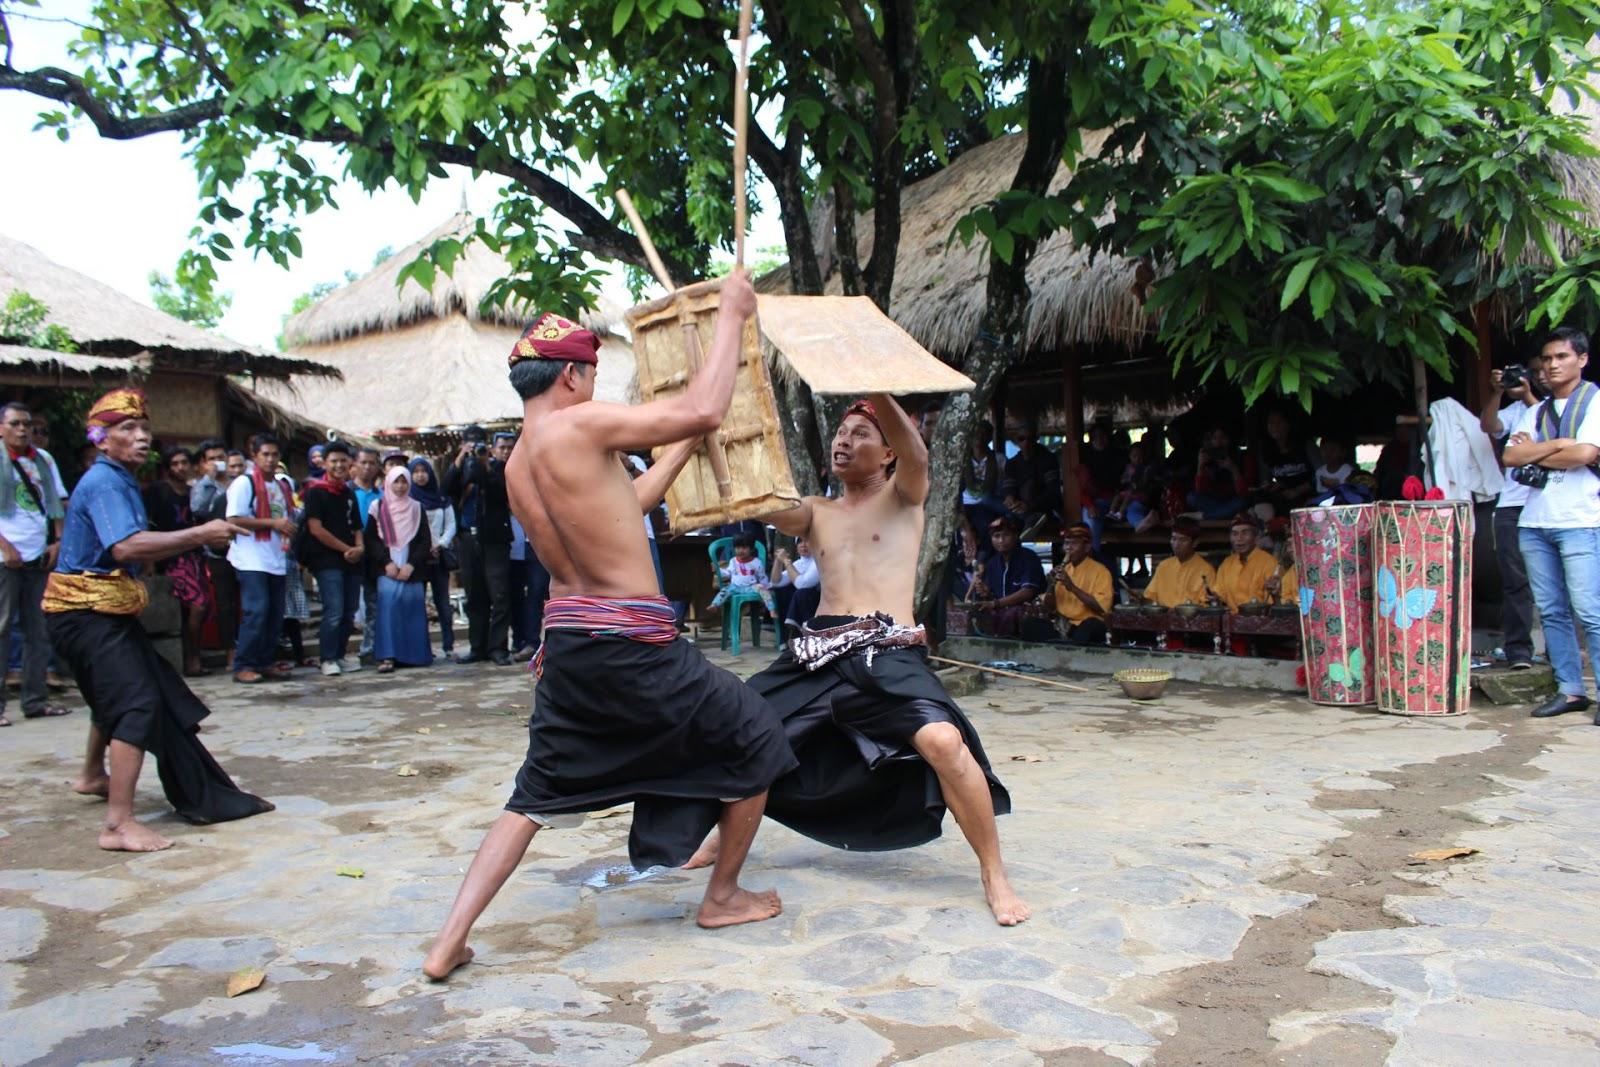 presean budaya suku sasak